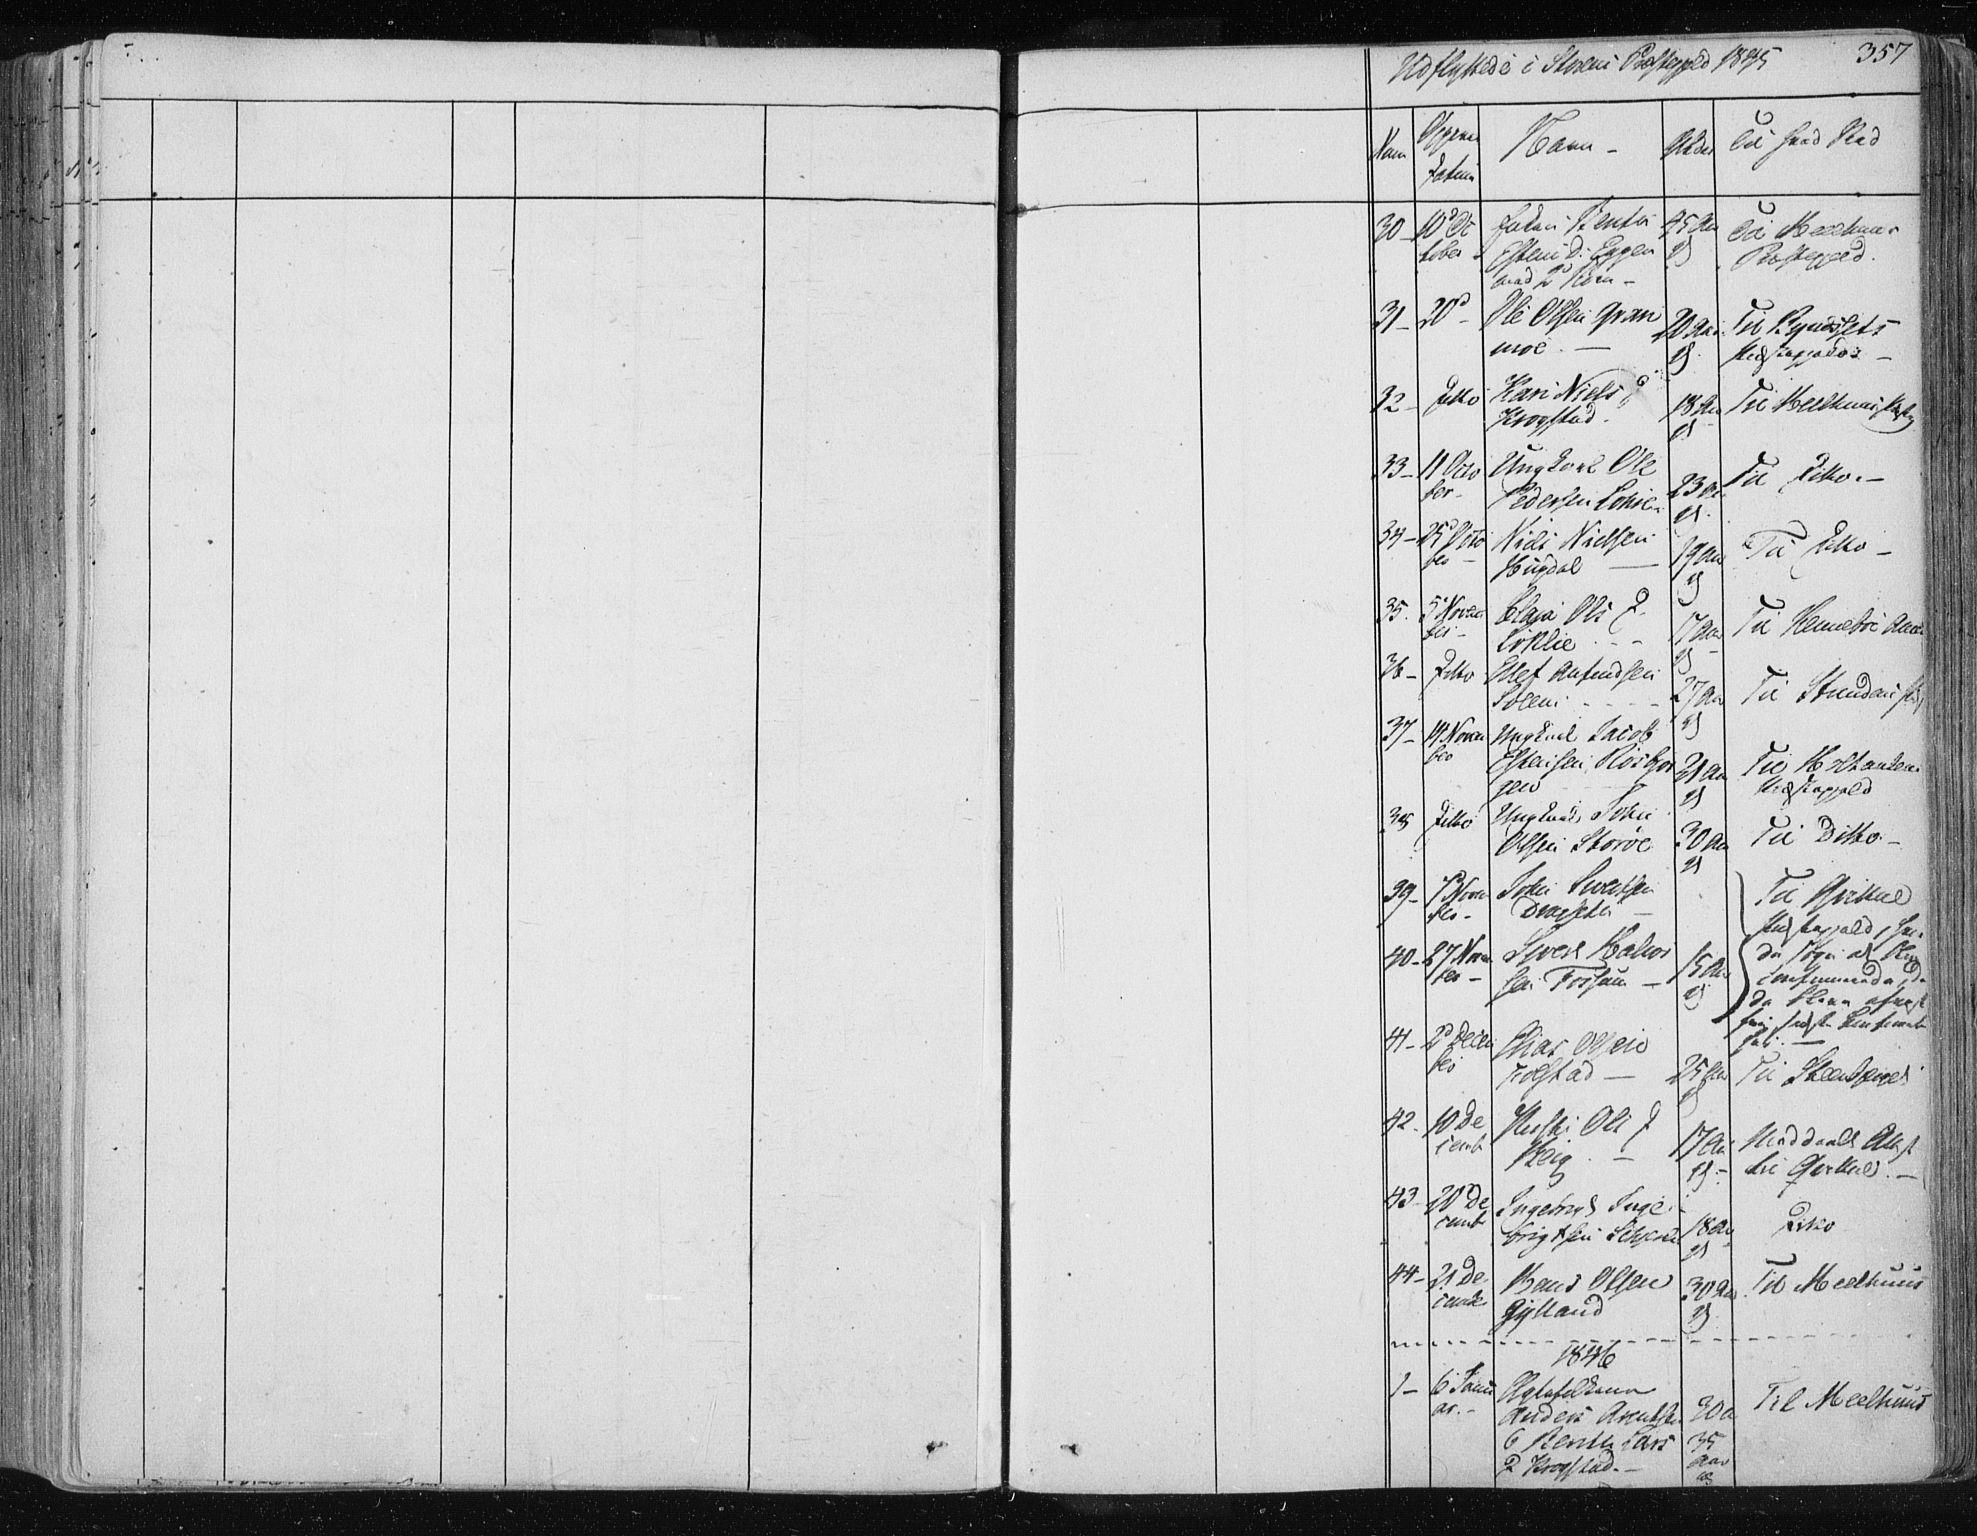 SAT, Ministerialprotokoller, klokkerbøker og fødselsregistre - Sør-Trøndelag, 687/L0997: Ministerialbok nr. 687A05 /1, 1843-1848, s. 357